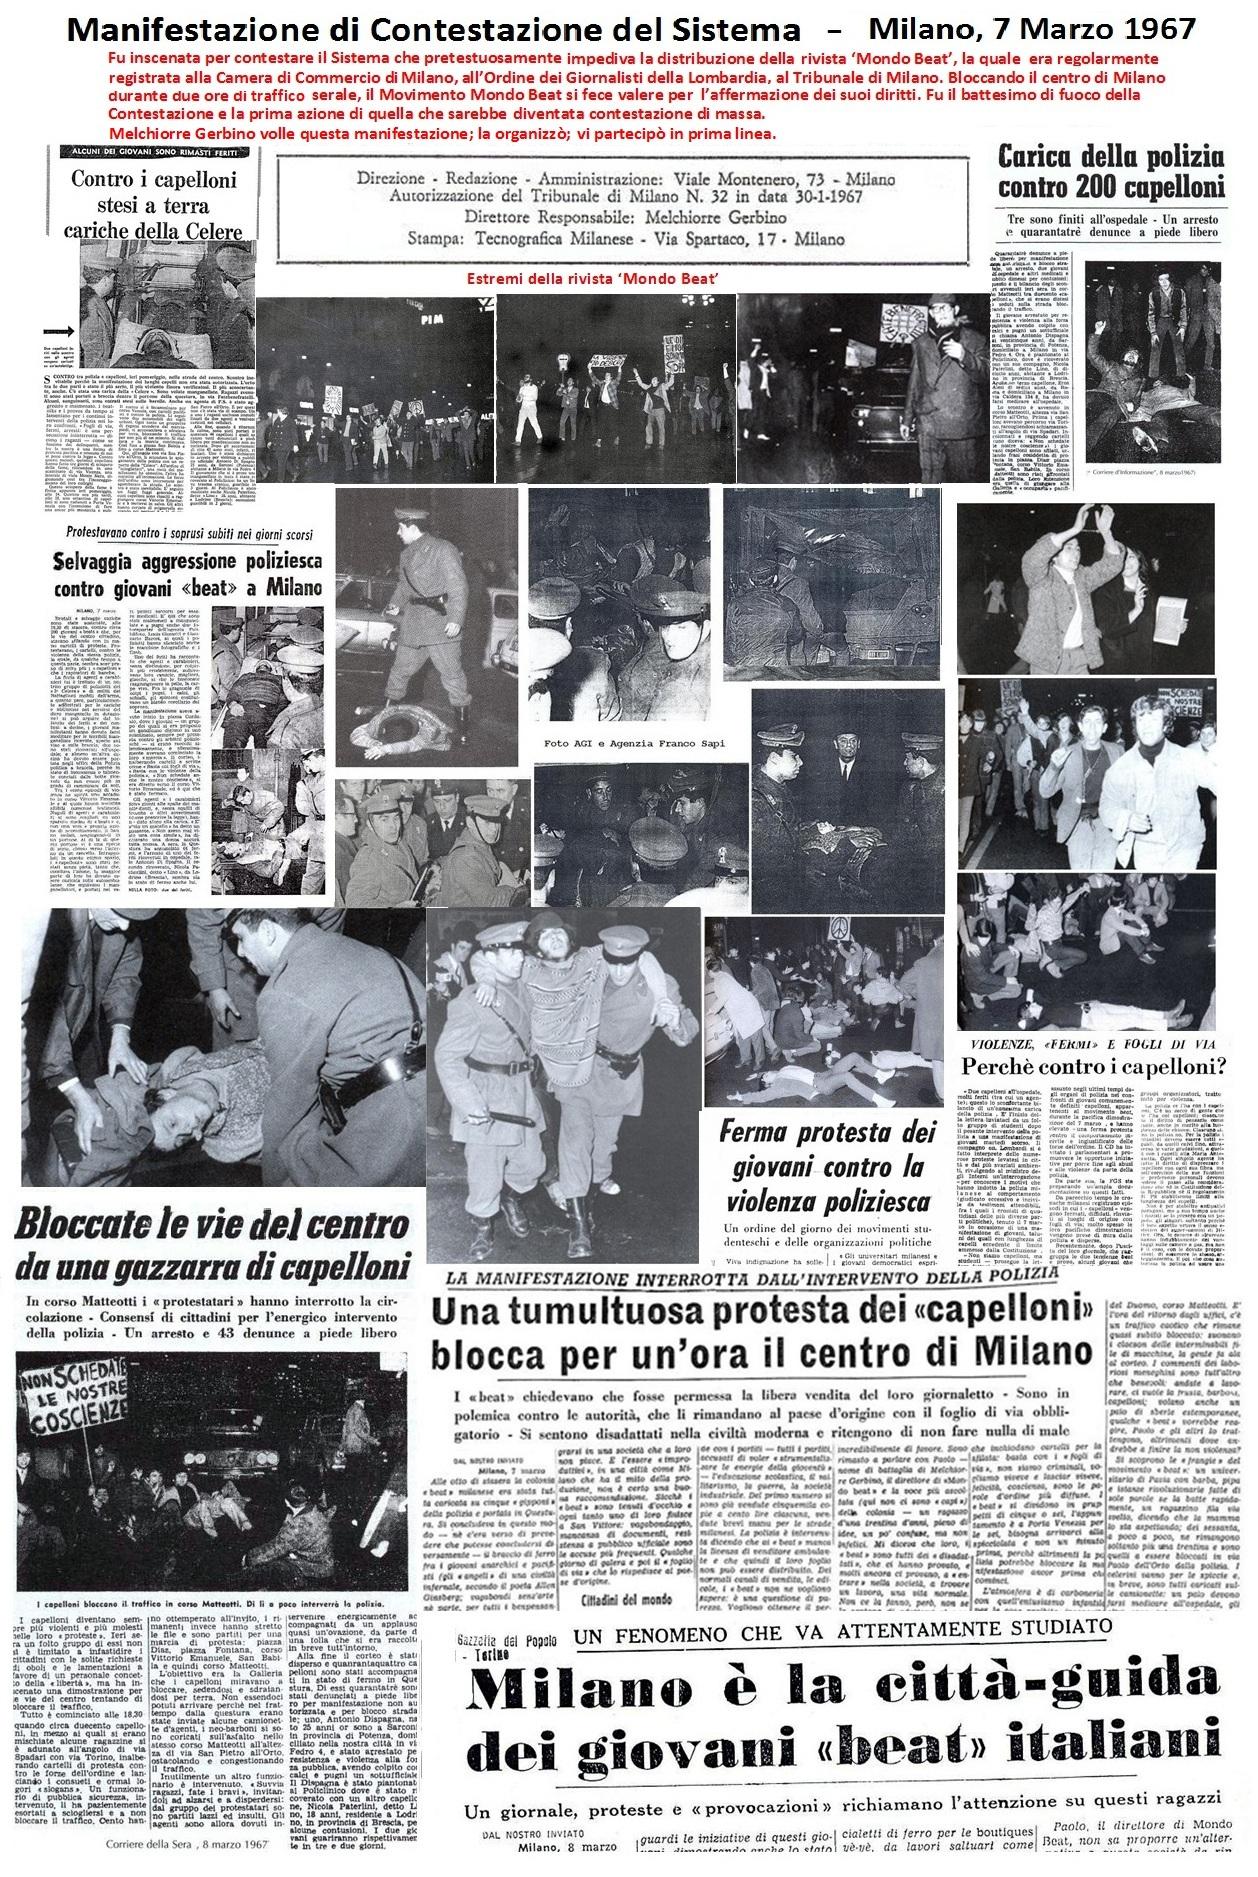 La Manifestazione di Contestazione del Sistema - Milano, 7 Marzo 1967 - fu la prima manifestazione di Contestazione di Massa